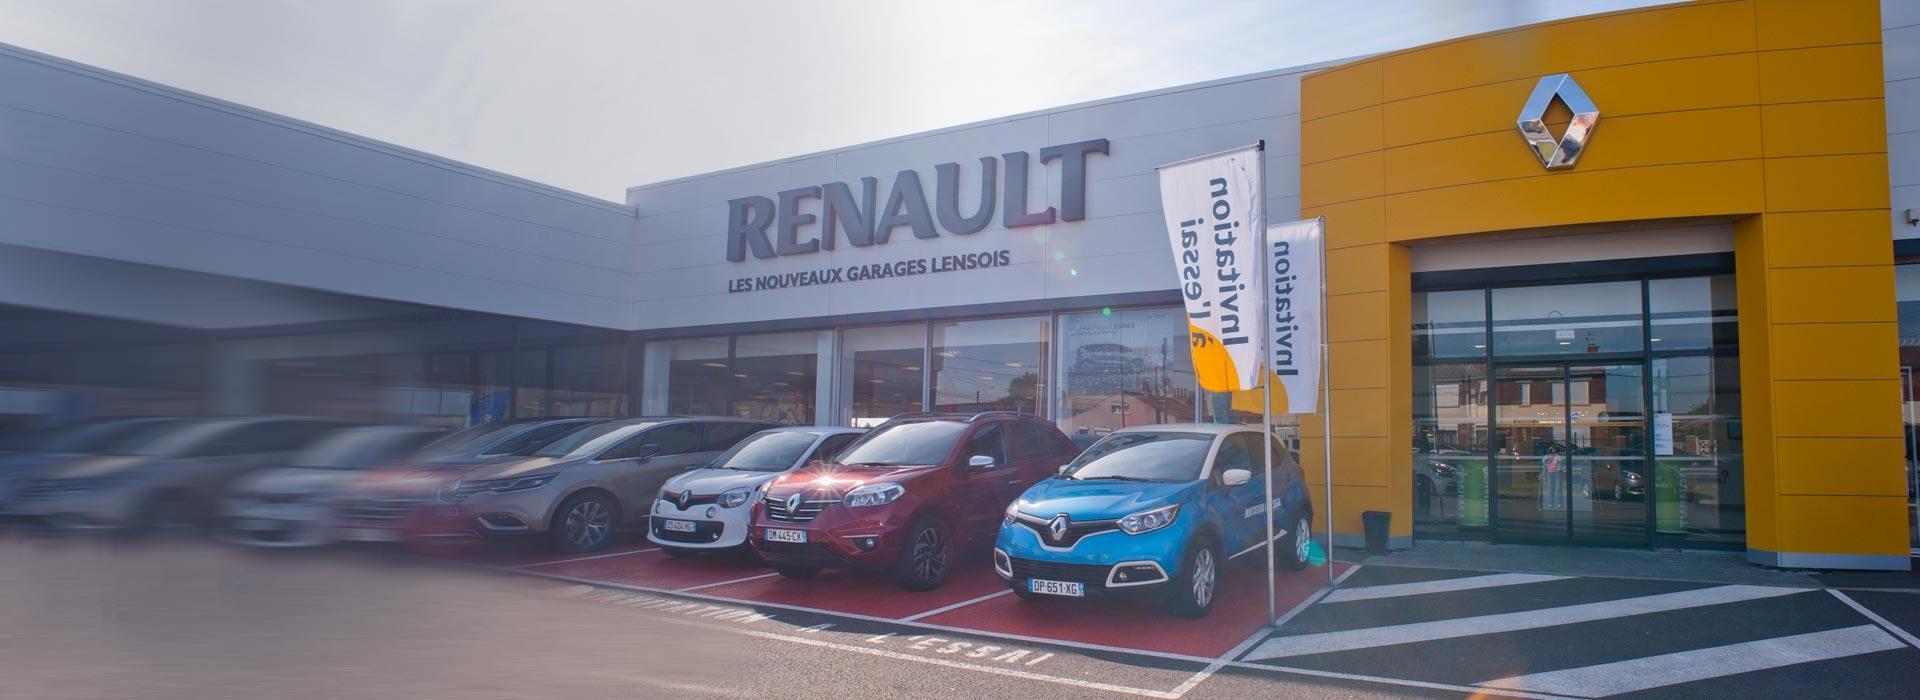 Renault Loison Sous Lens